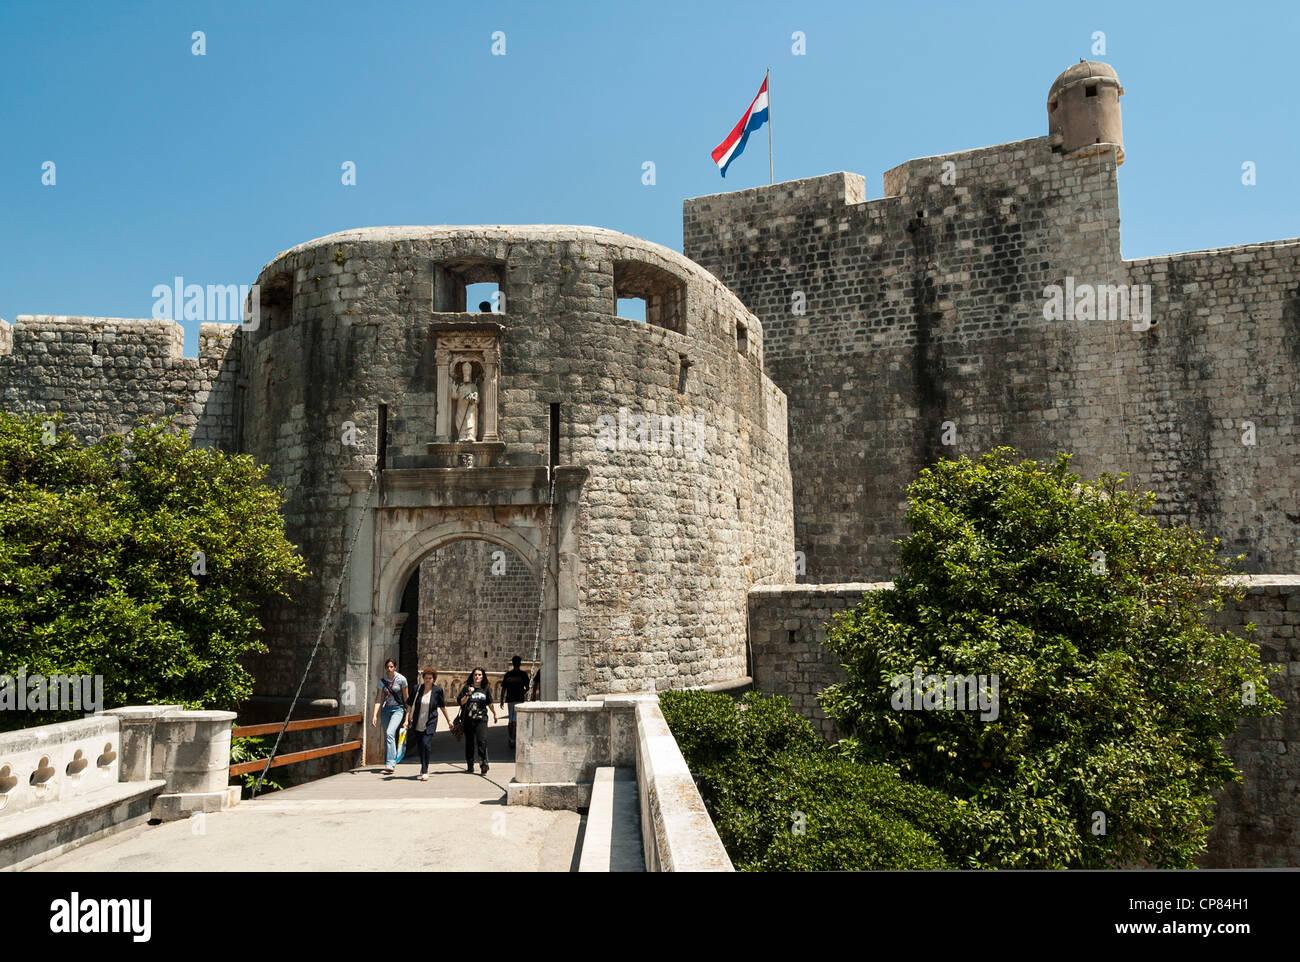 Porte Pile entrée de la vieille ville avec des remparts de Dubrovnik, Croatie, Europe Photo Stock